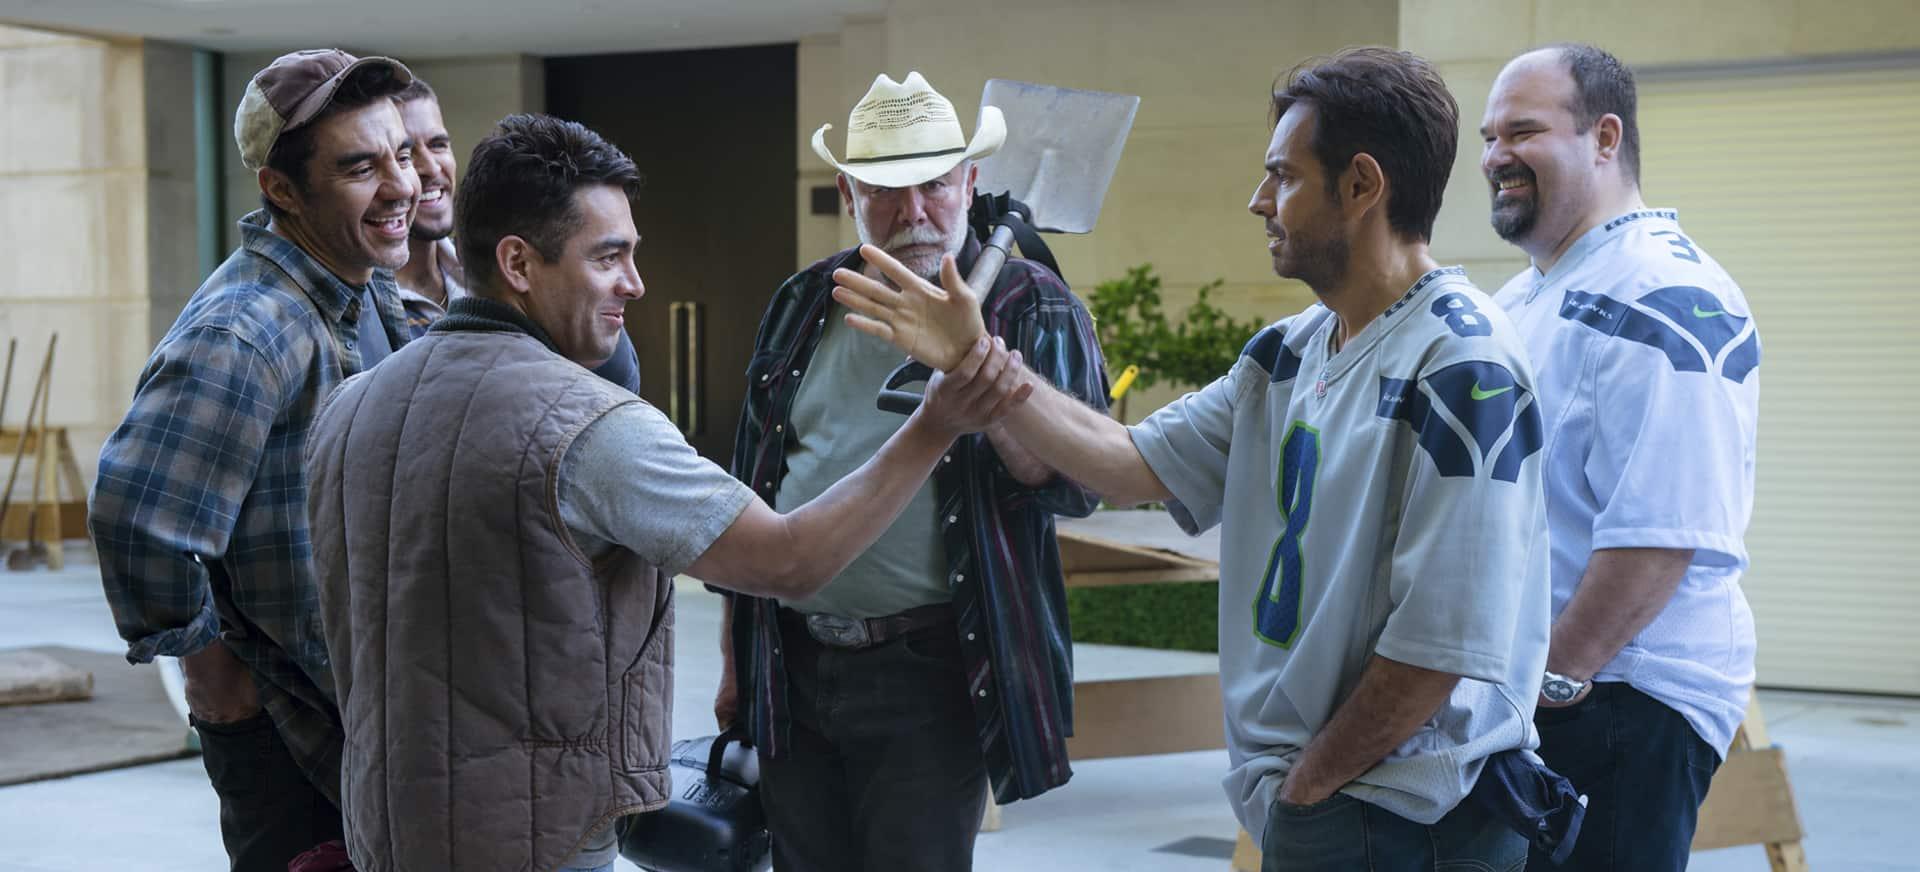 Actores mexicanos en Hombre al agua